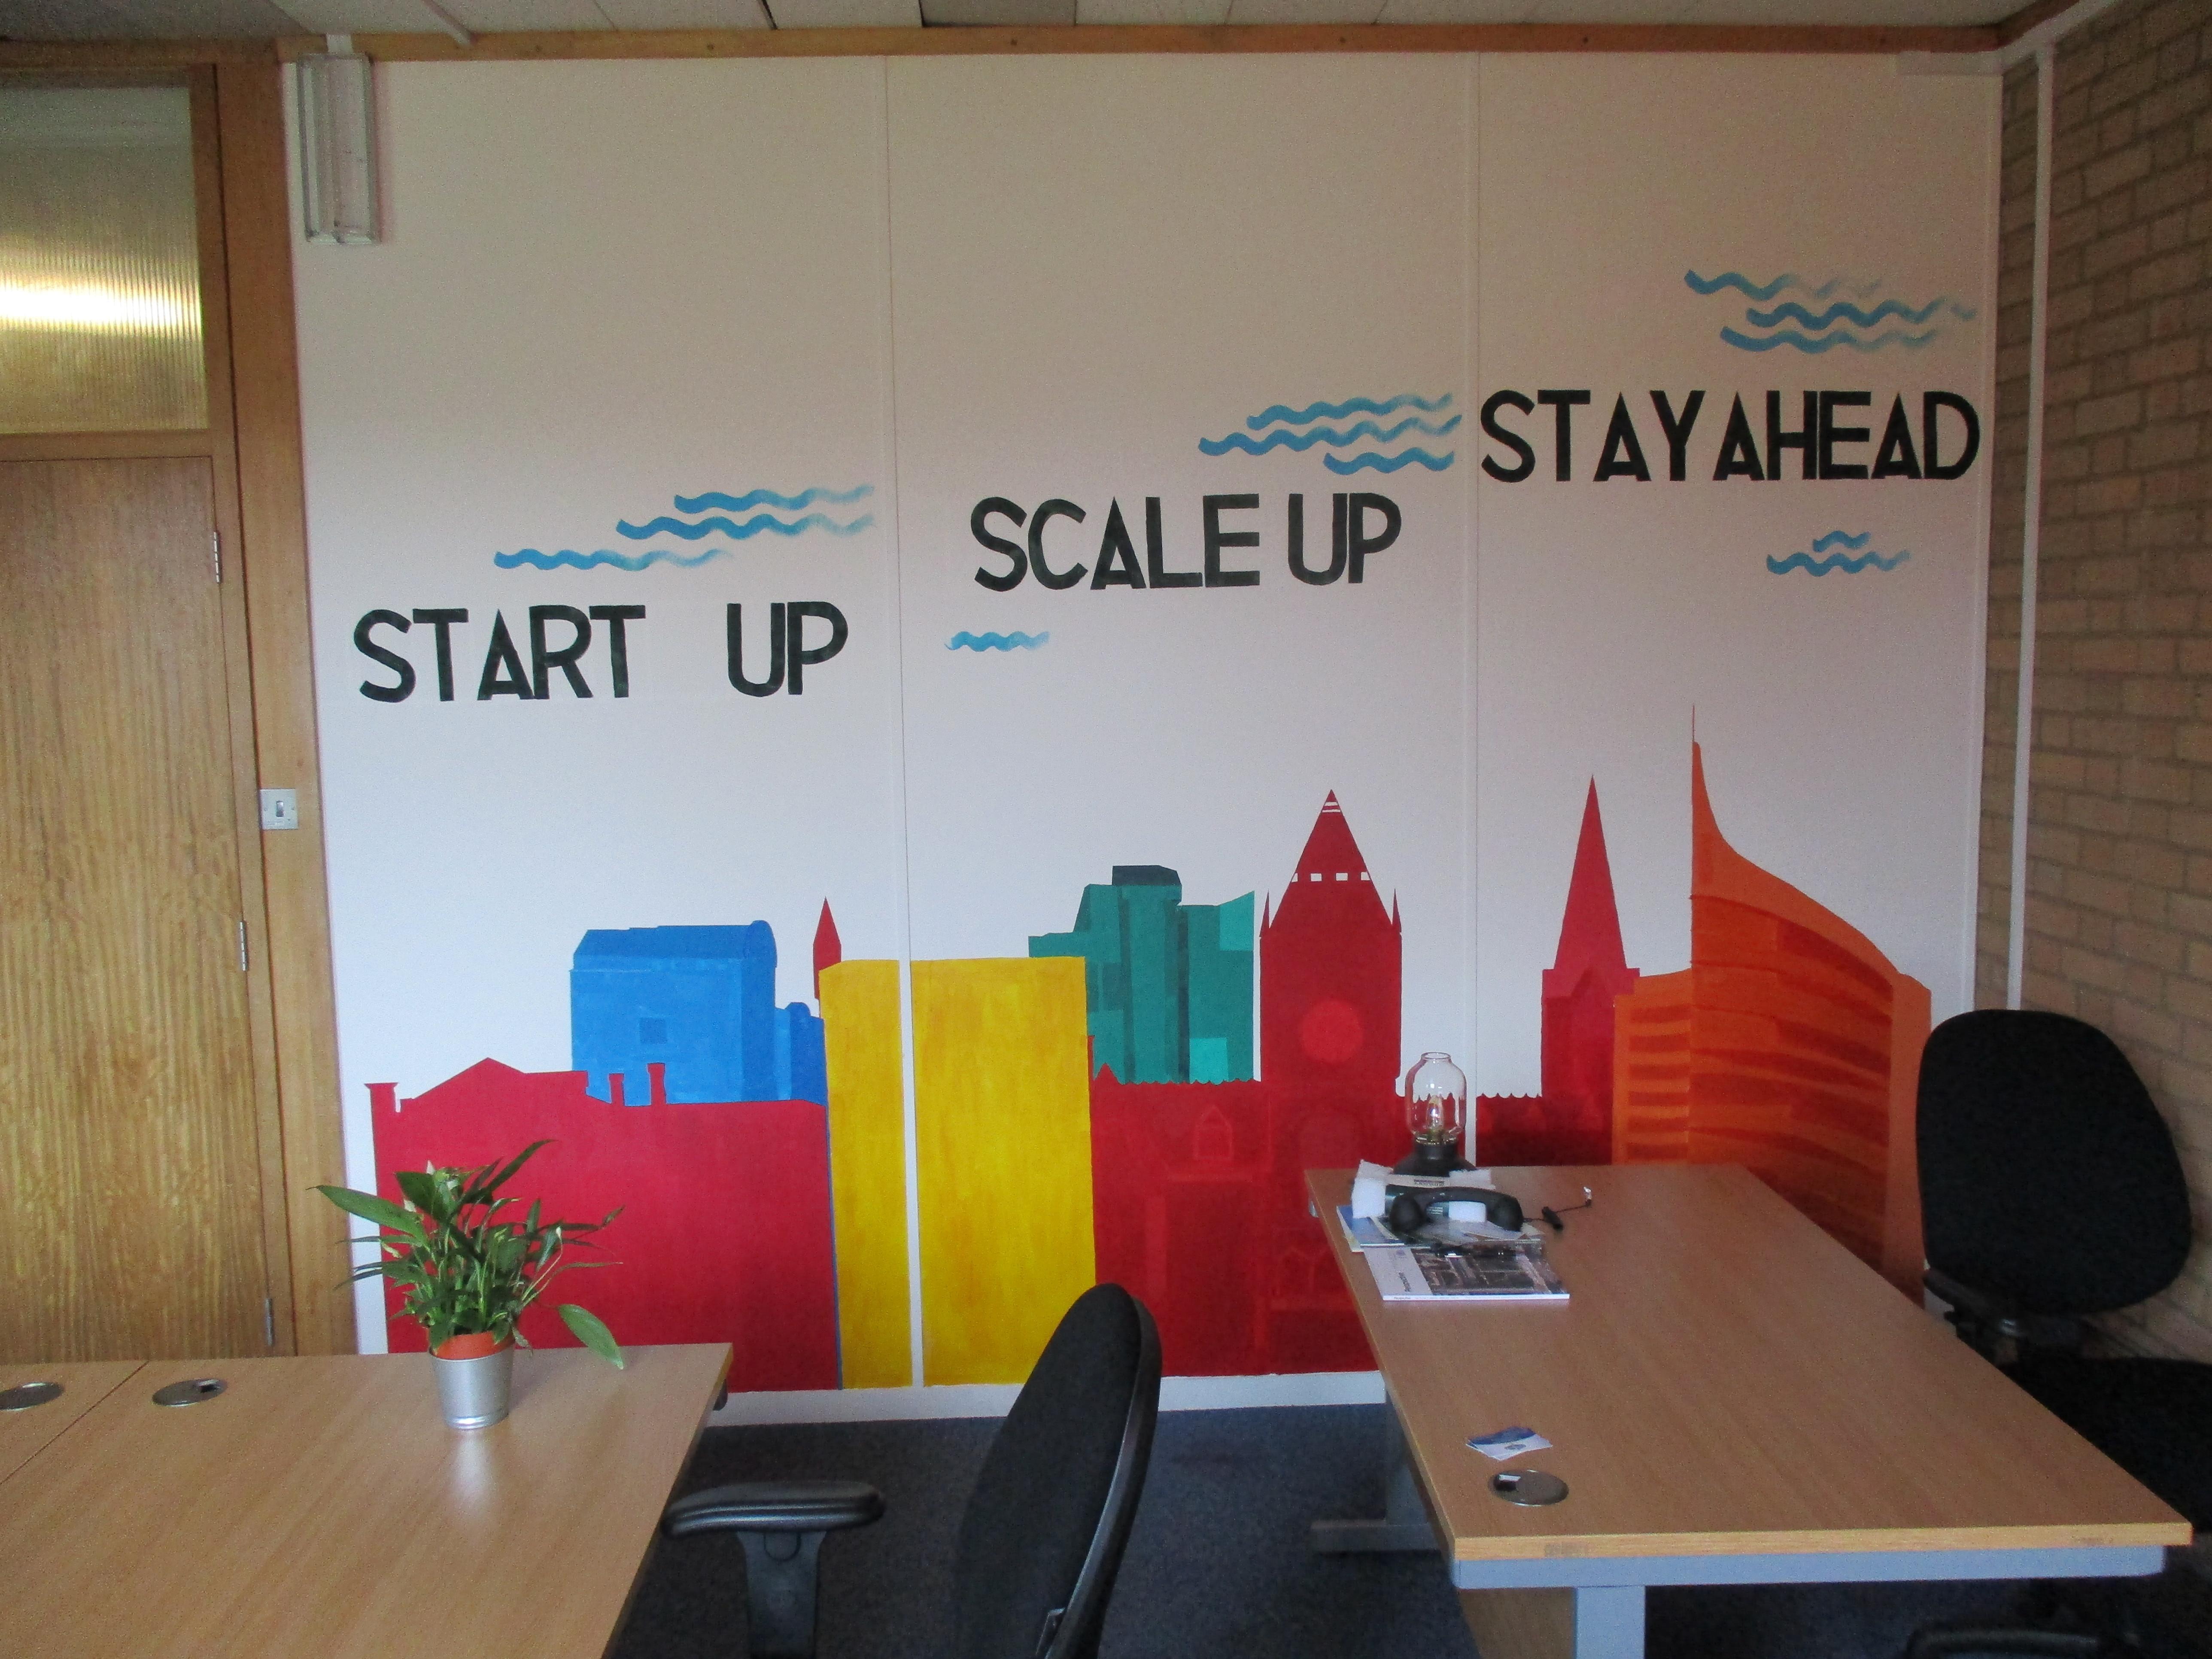 Entrepreneurship-Hub-Wall-Mural.JPG?mtime=20190517103629#asset:115765